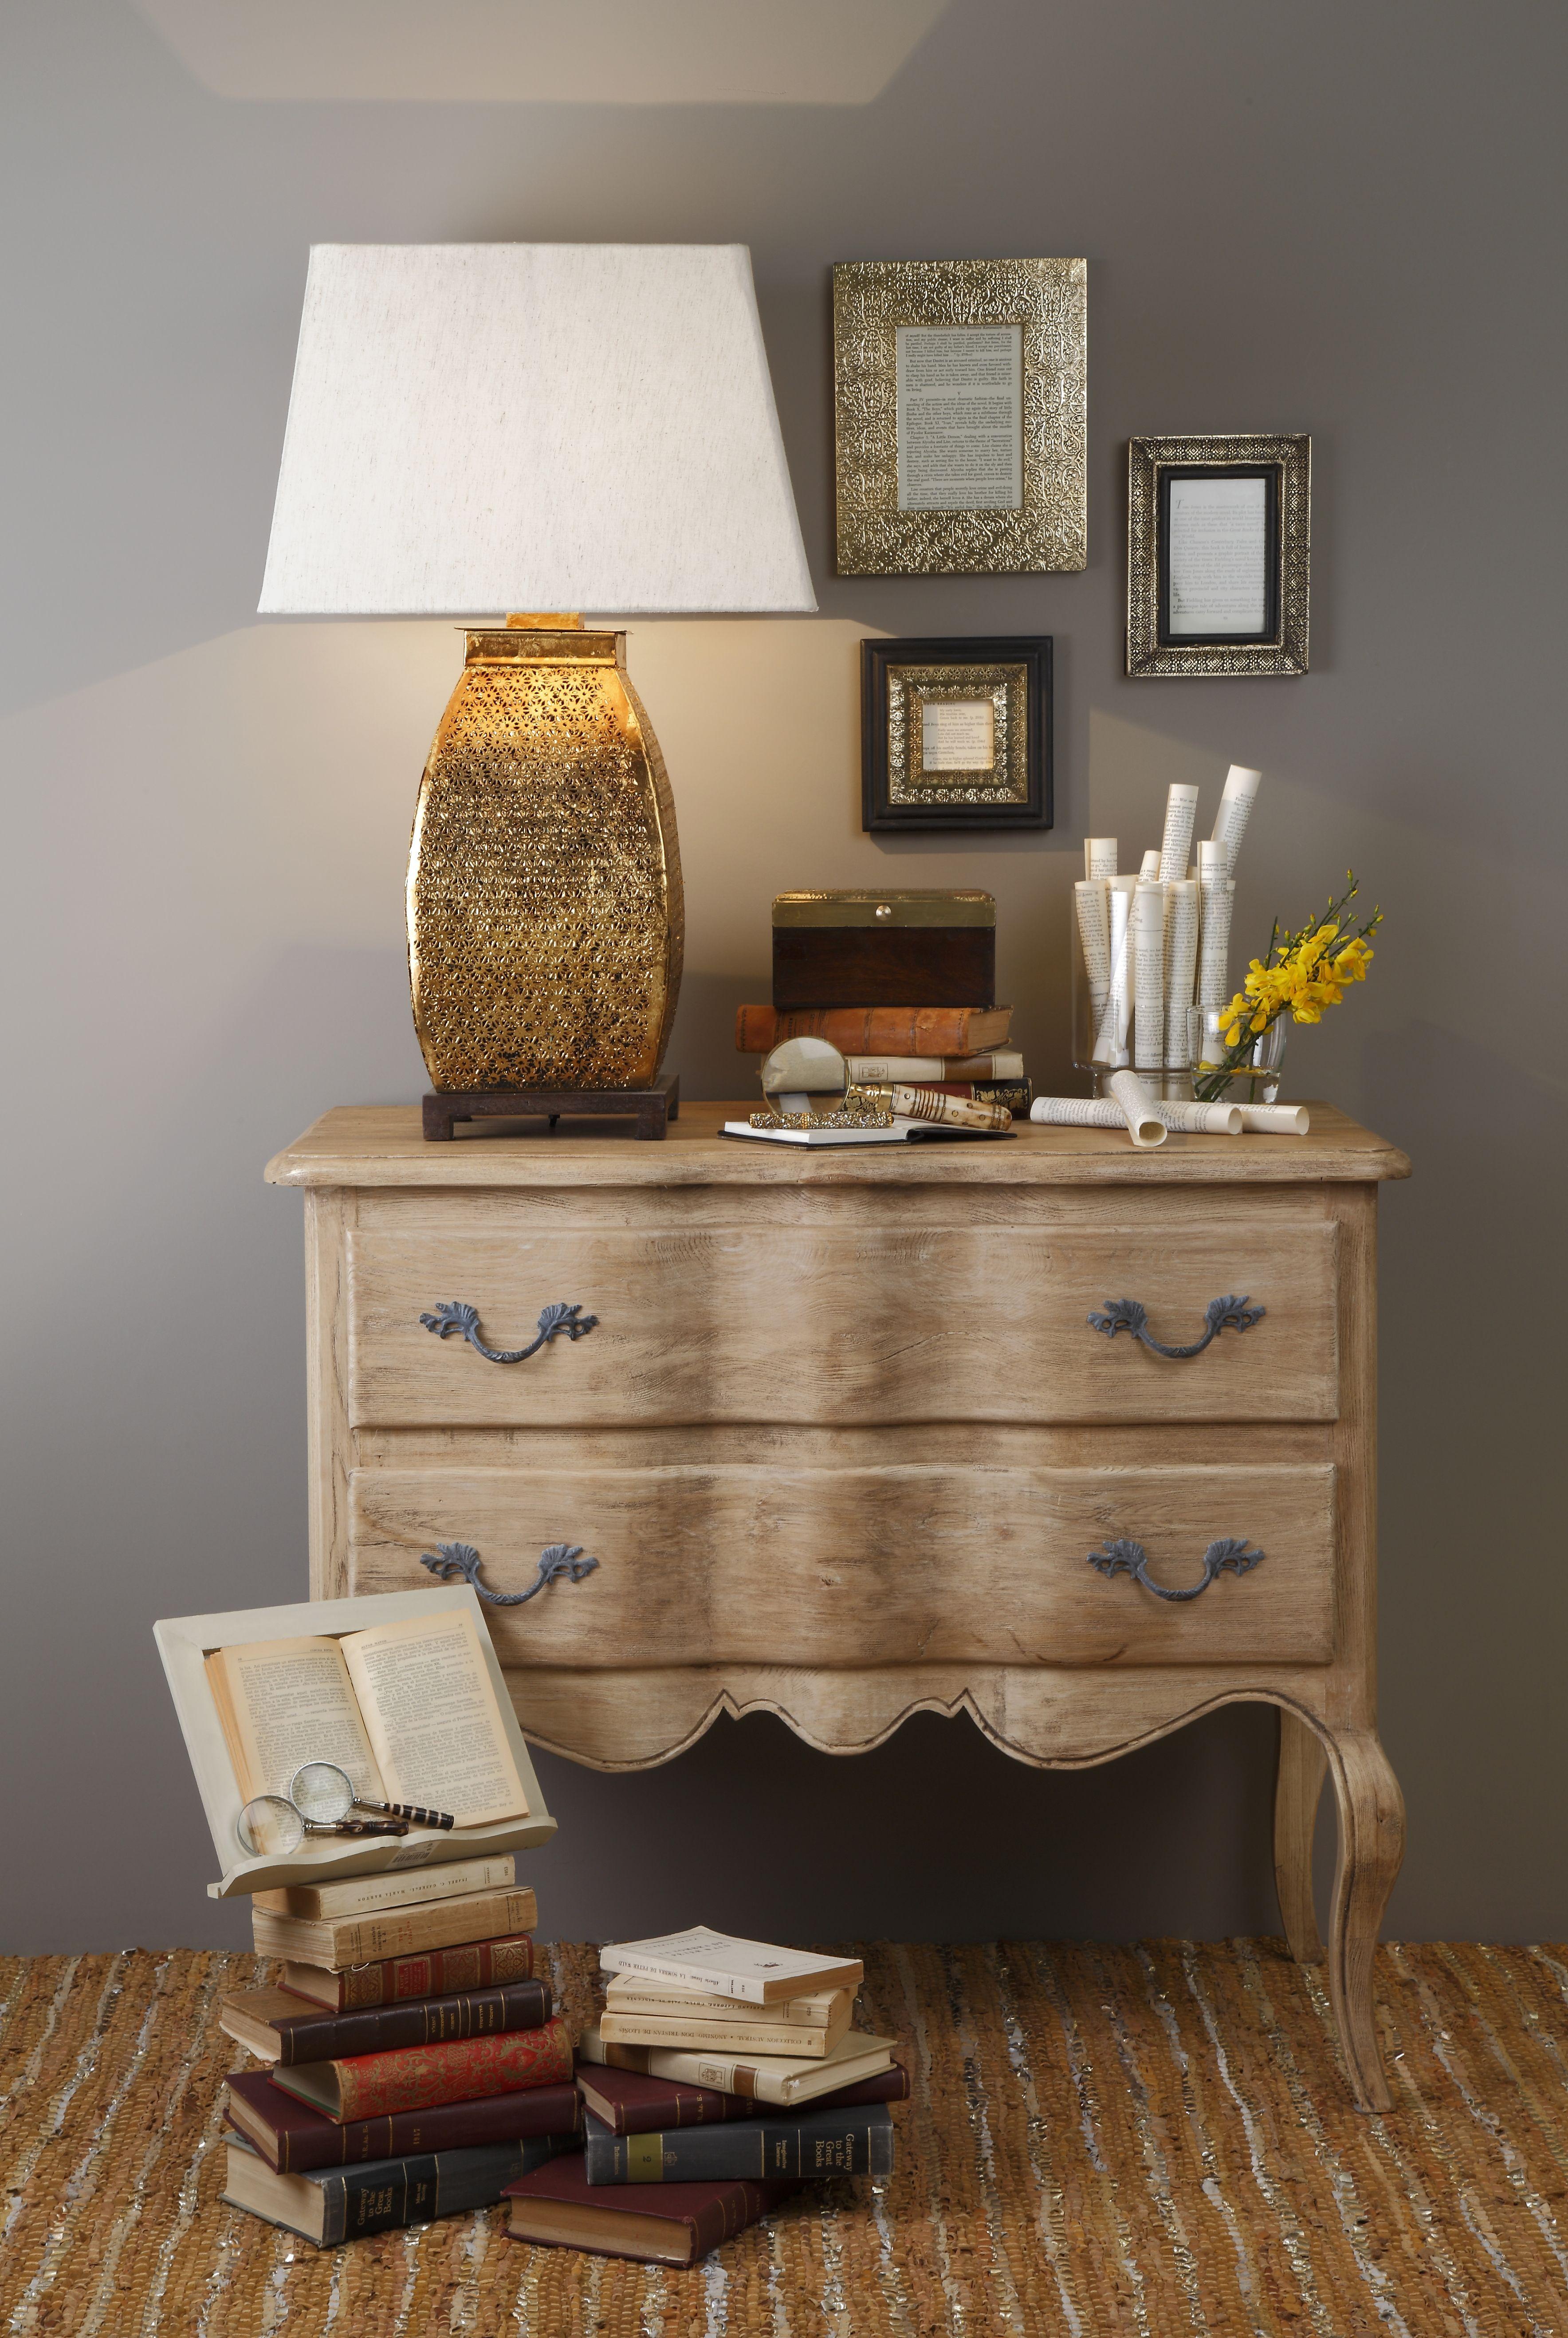 Ideas de decoraci n con hojas de libros antiguos for Portico muebles